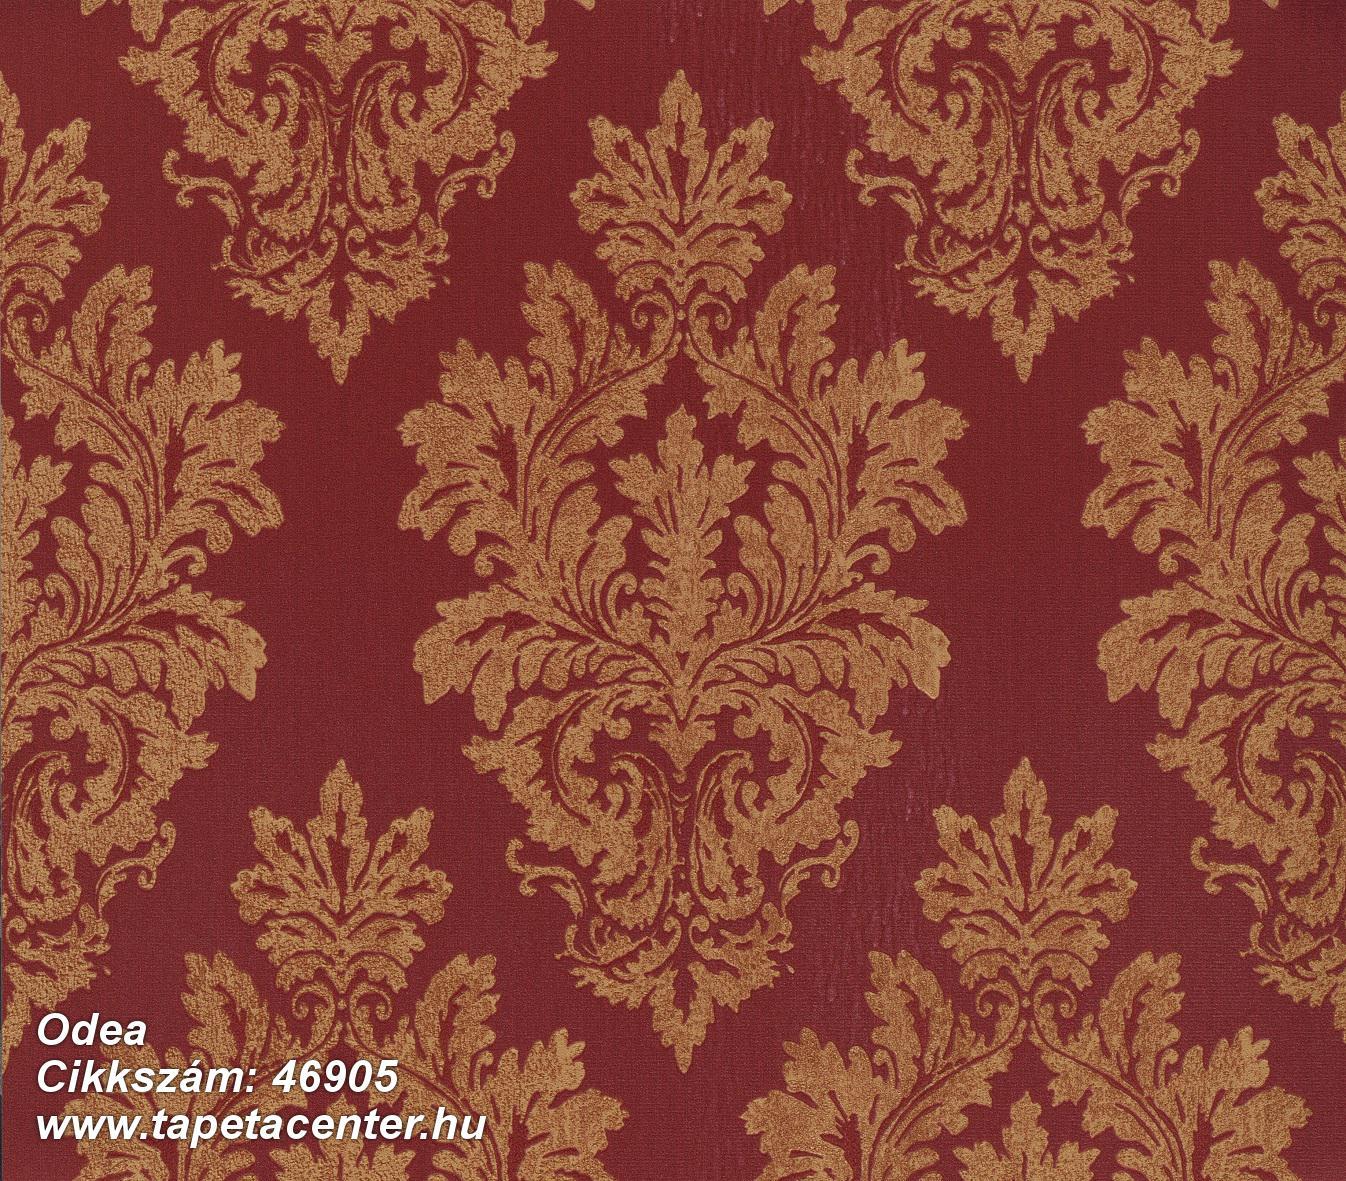 Barokk-klasszikus,különleges felületű,textil hatású,arany,piros-bordó,súrolható,vlies tapéta